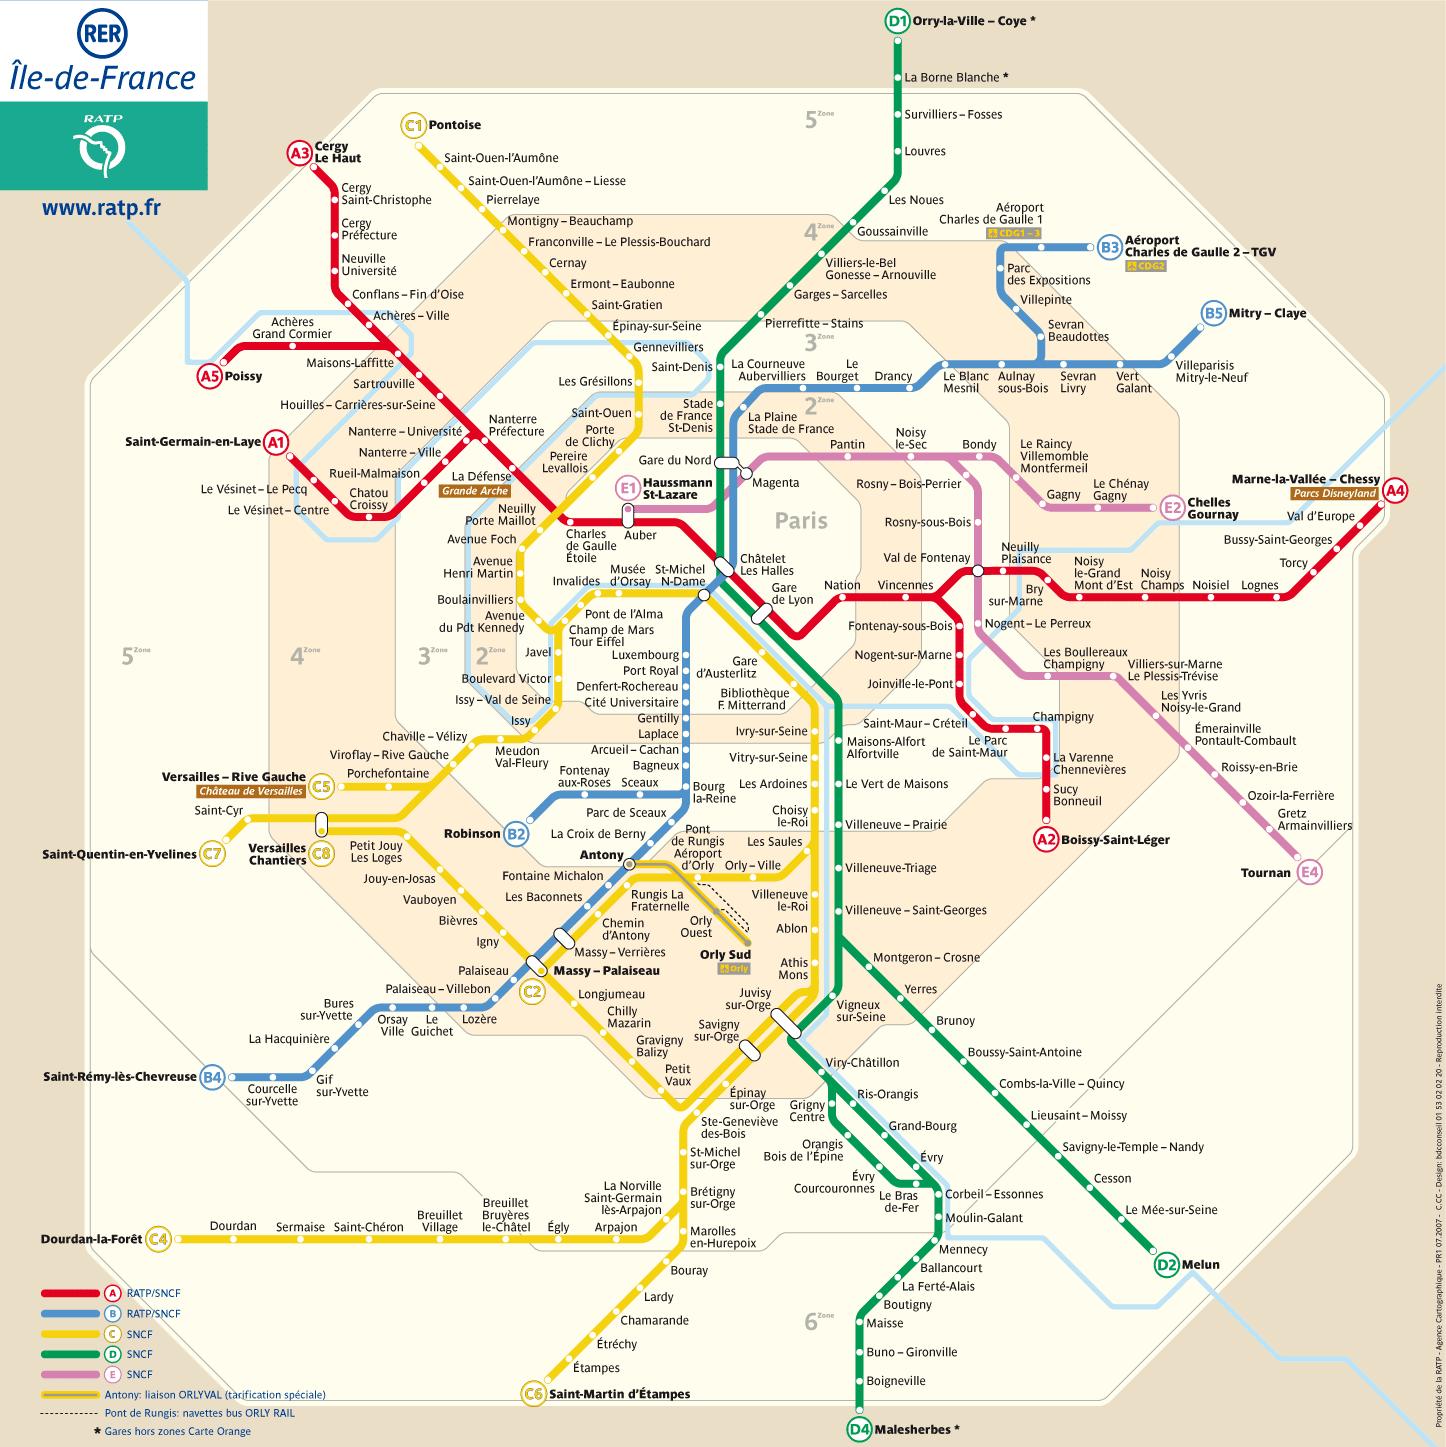 RER - Réseau Express Régional - Trens regionais de Paris | PARIS Pdf Map Of Paris on paris world map, paris road map, paris map art, paris satellite map, paris underground map, paris bus map, paris tx map, paris map directions, paris metro, paris subway map, paris map print, paris streets, paris tourist map, paris map google, paris michigan map, paris map book, eiffel tower pdf, paris ar map, paris france map, paris tour map,